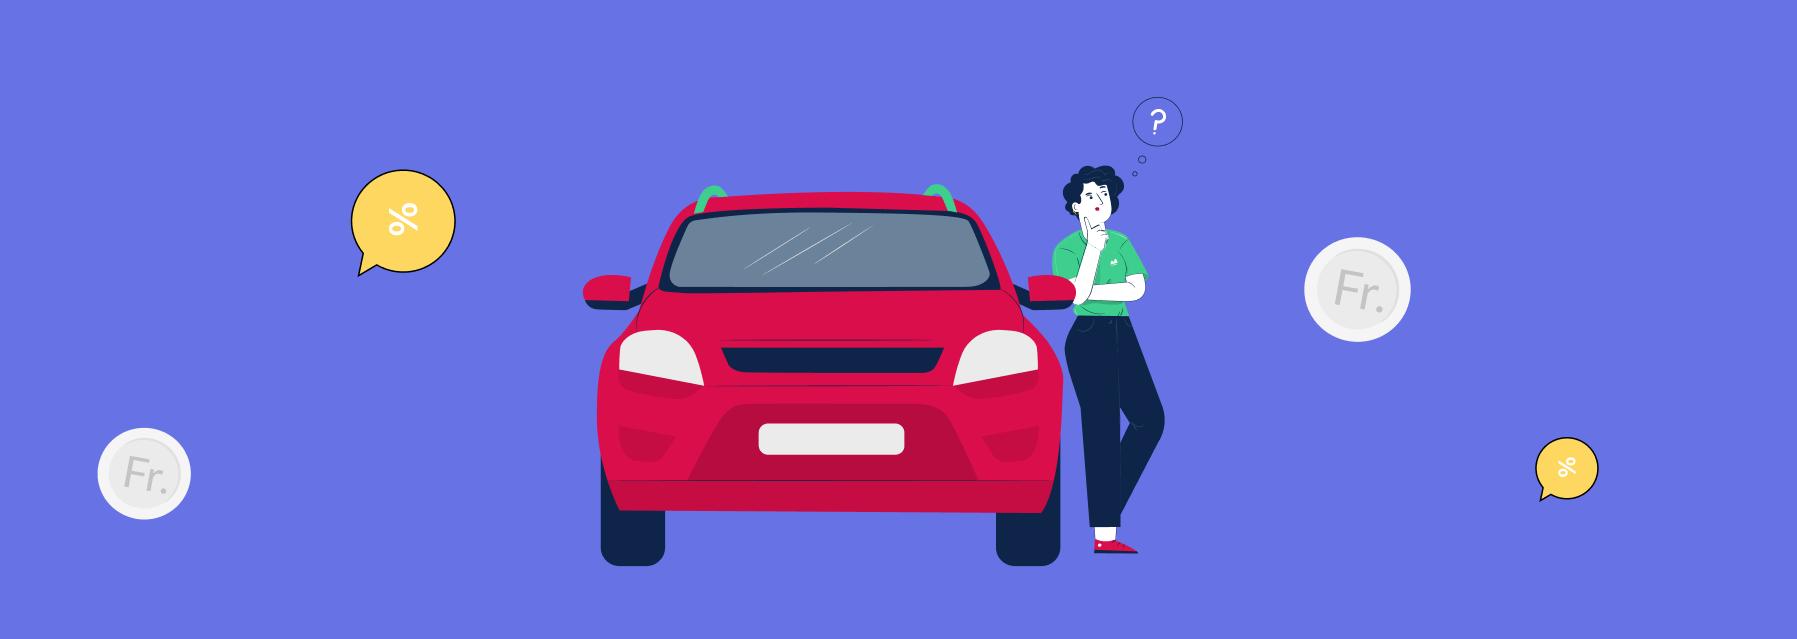 Geschäftsfahrzeug mit Privatanteil oder Privatauto mit Autospesen